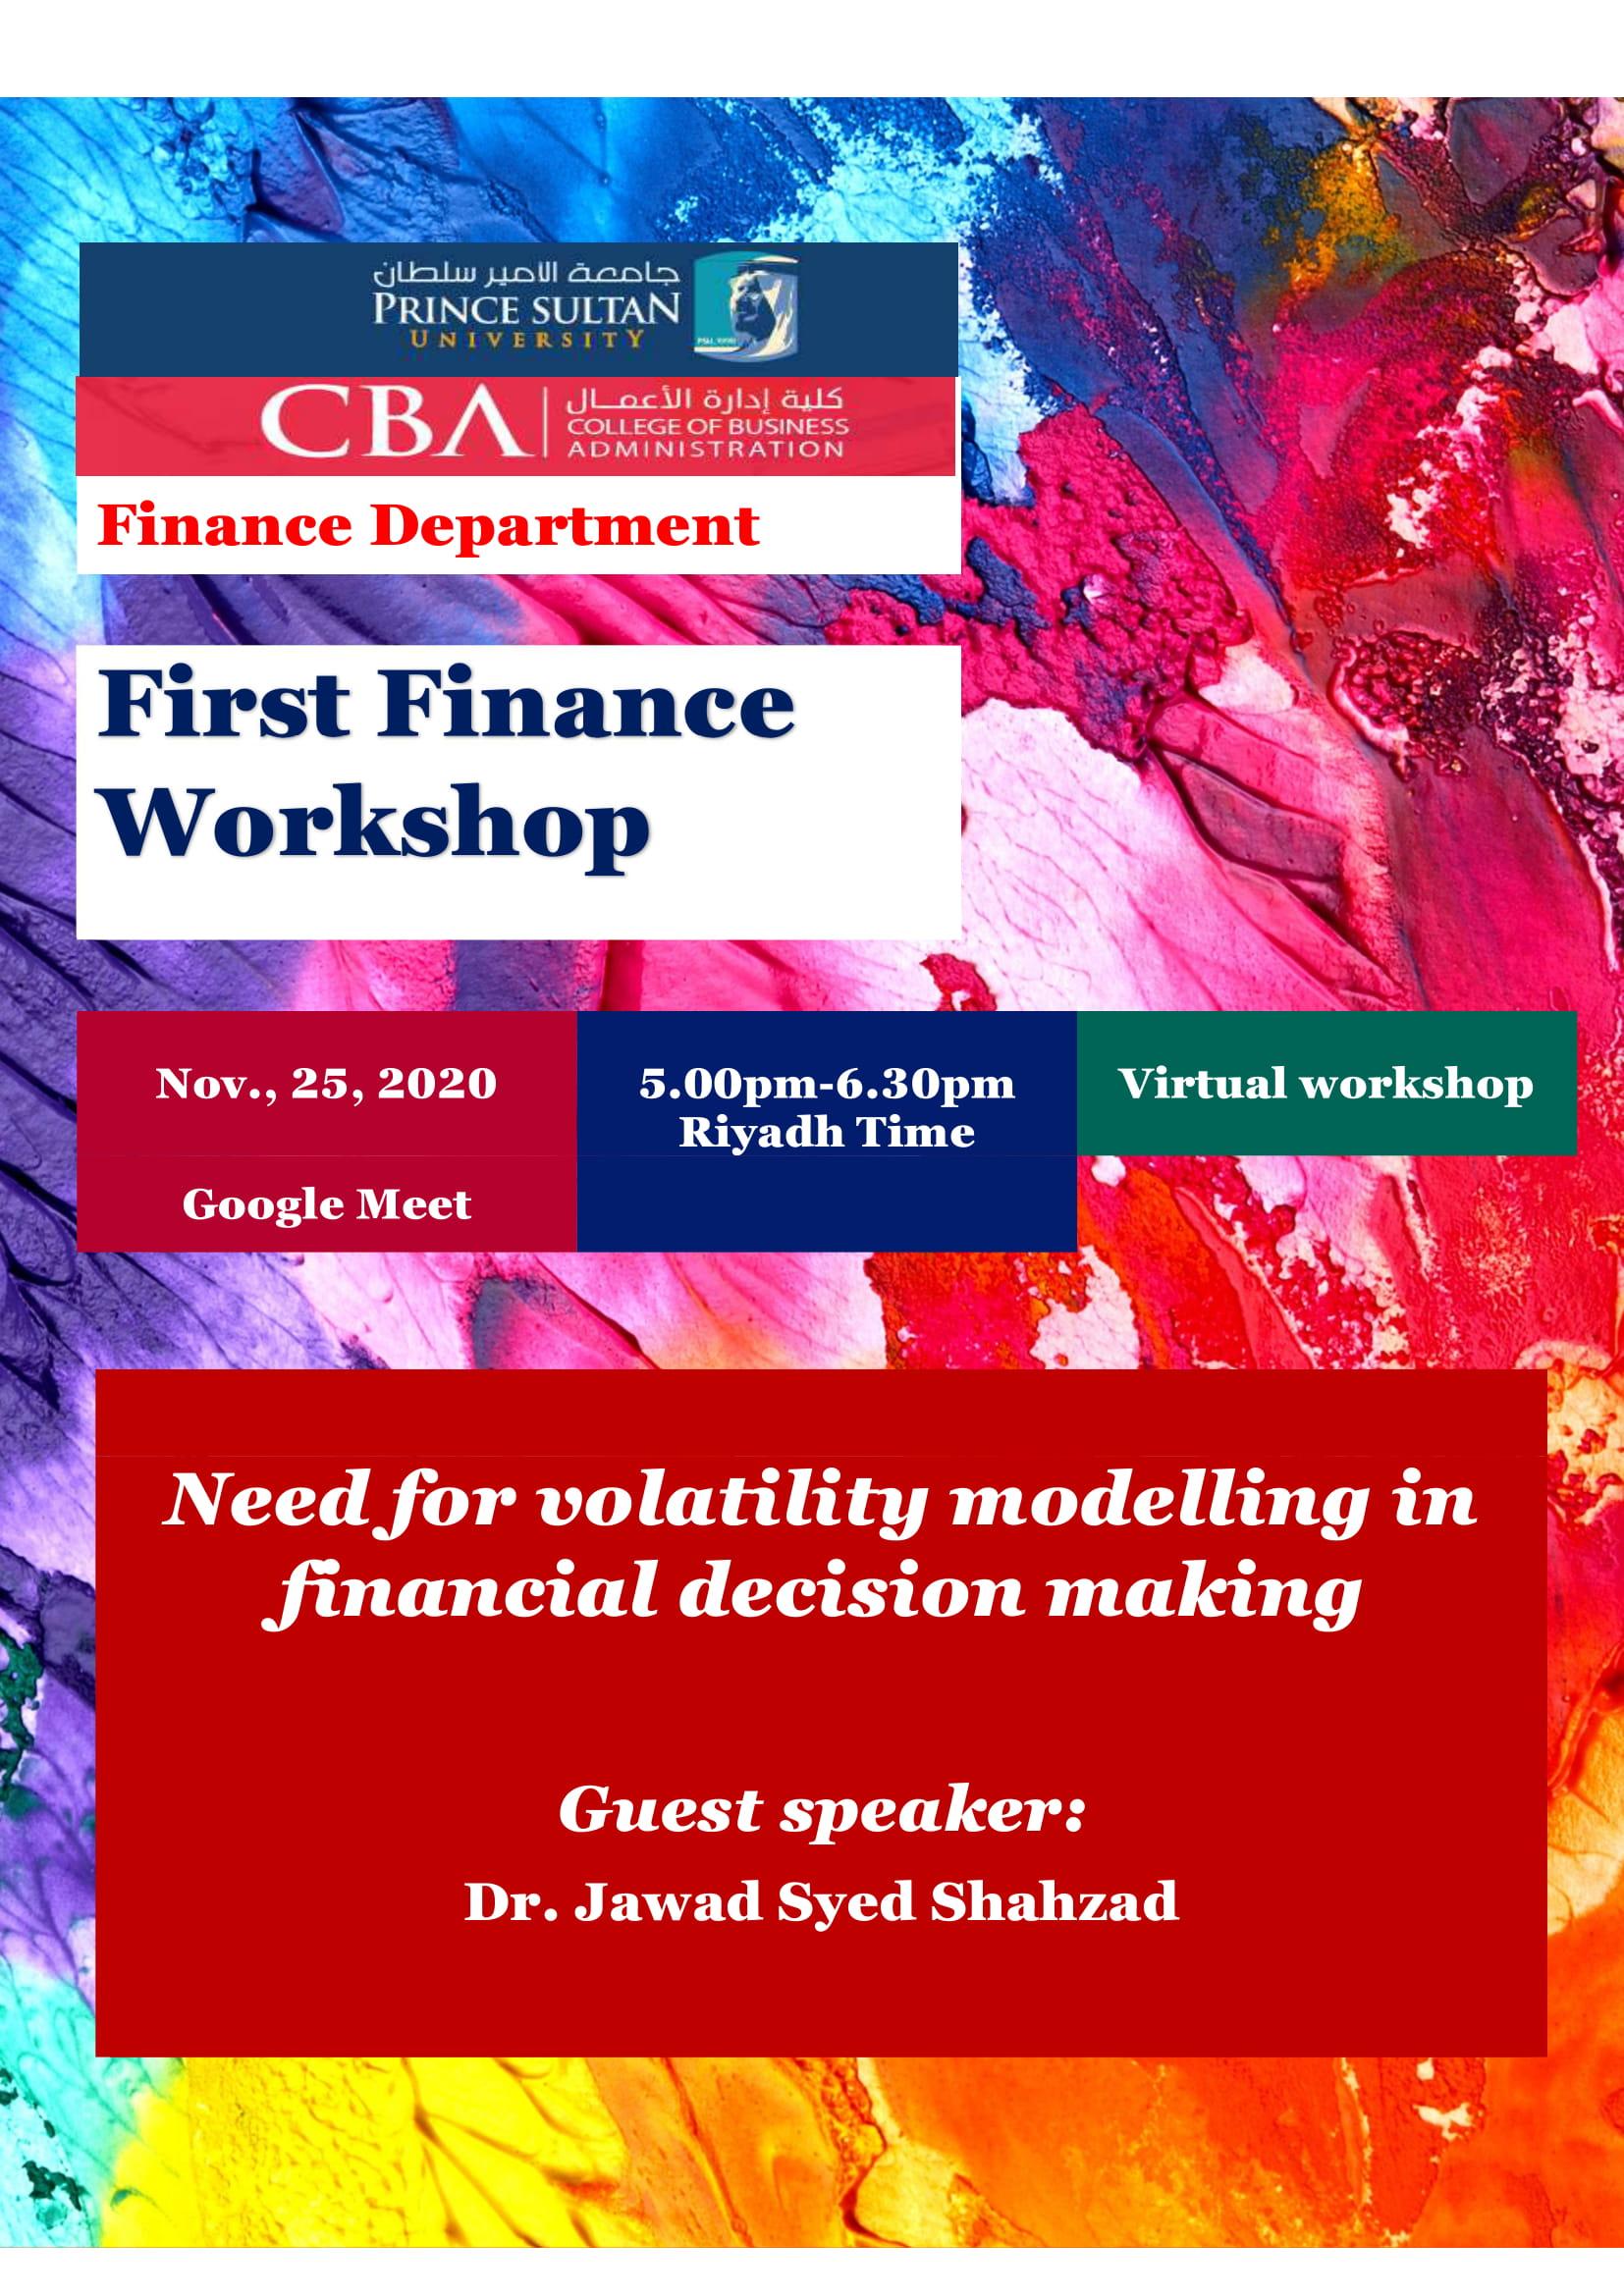 ورشة العمل الأولى للبحوث - قسم المالية